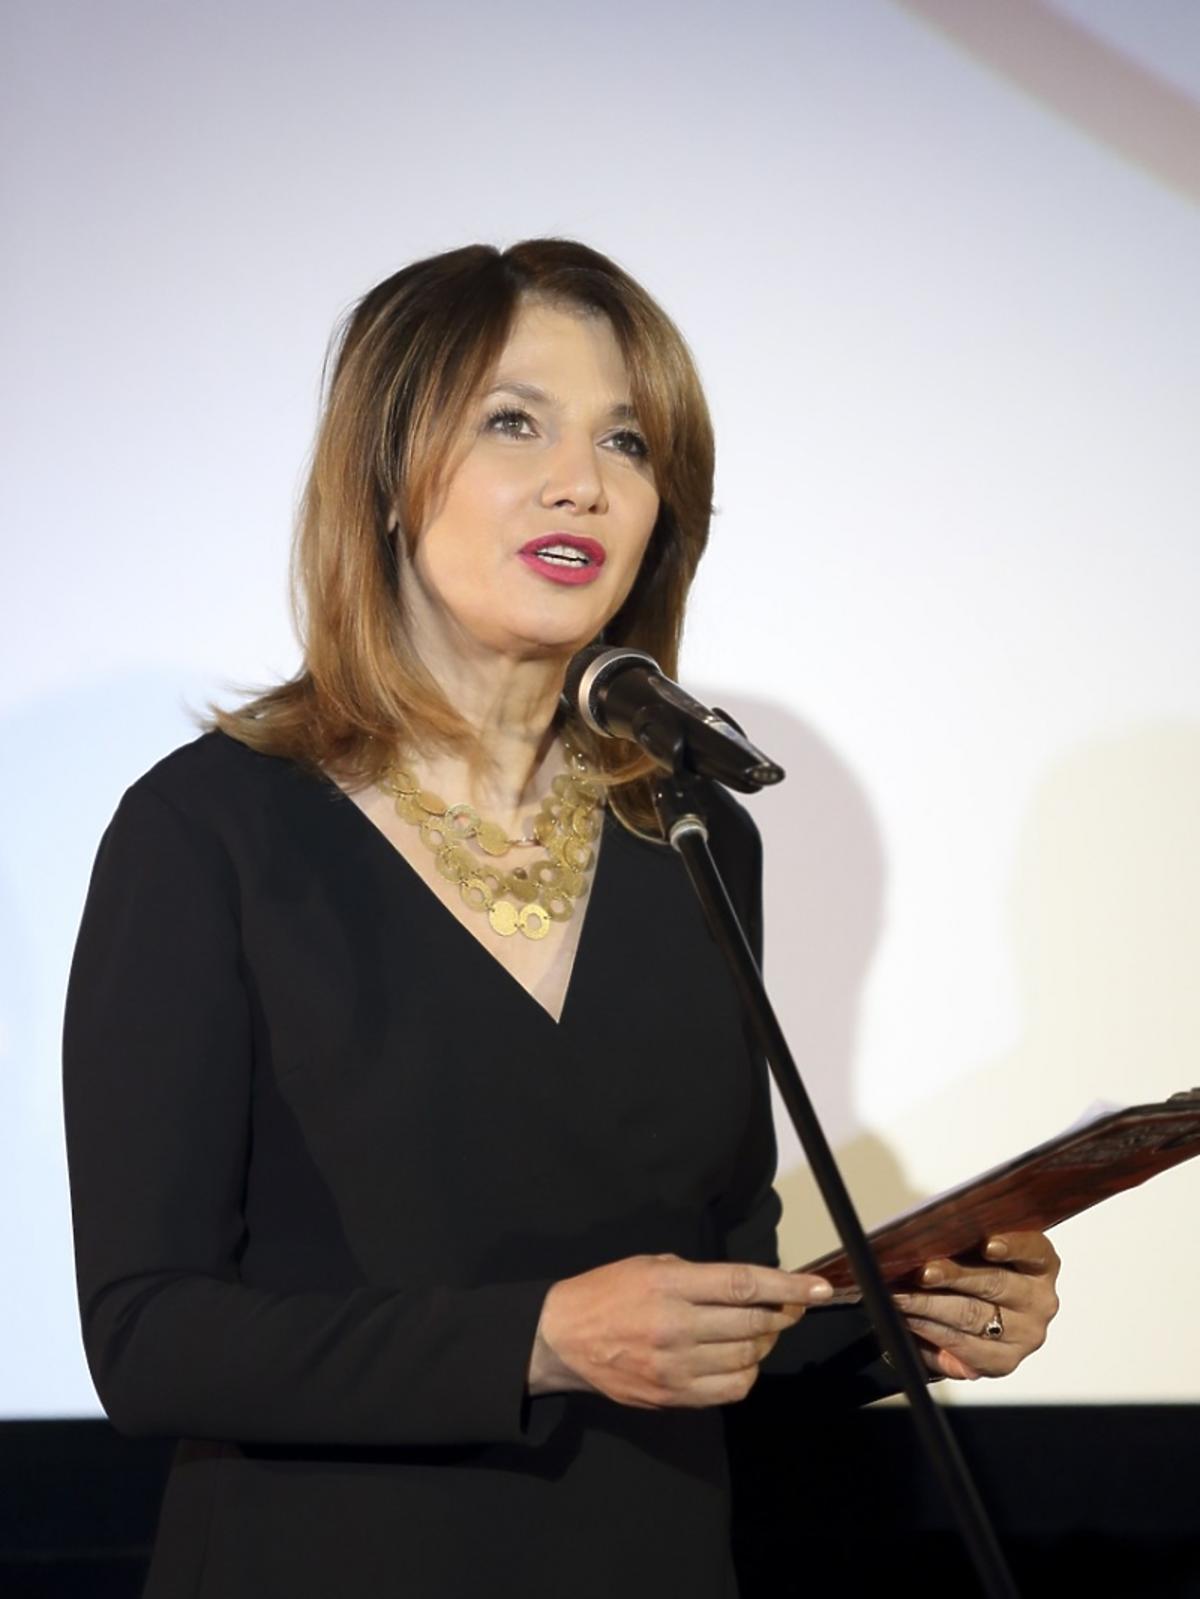 Grażyna Wolszczak na Festiwalu Aktorstwa Filmowego we Wrocławiu